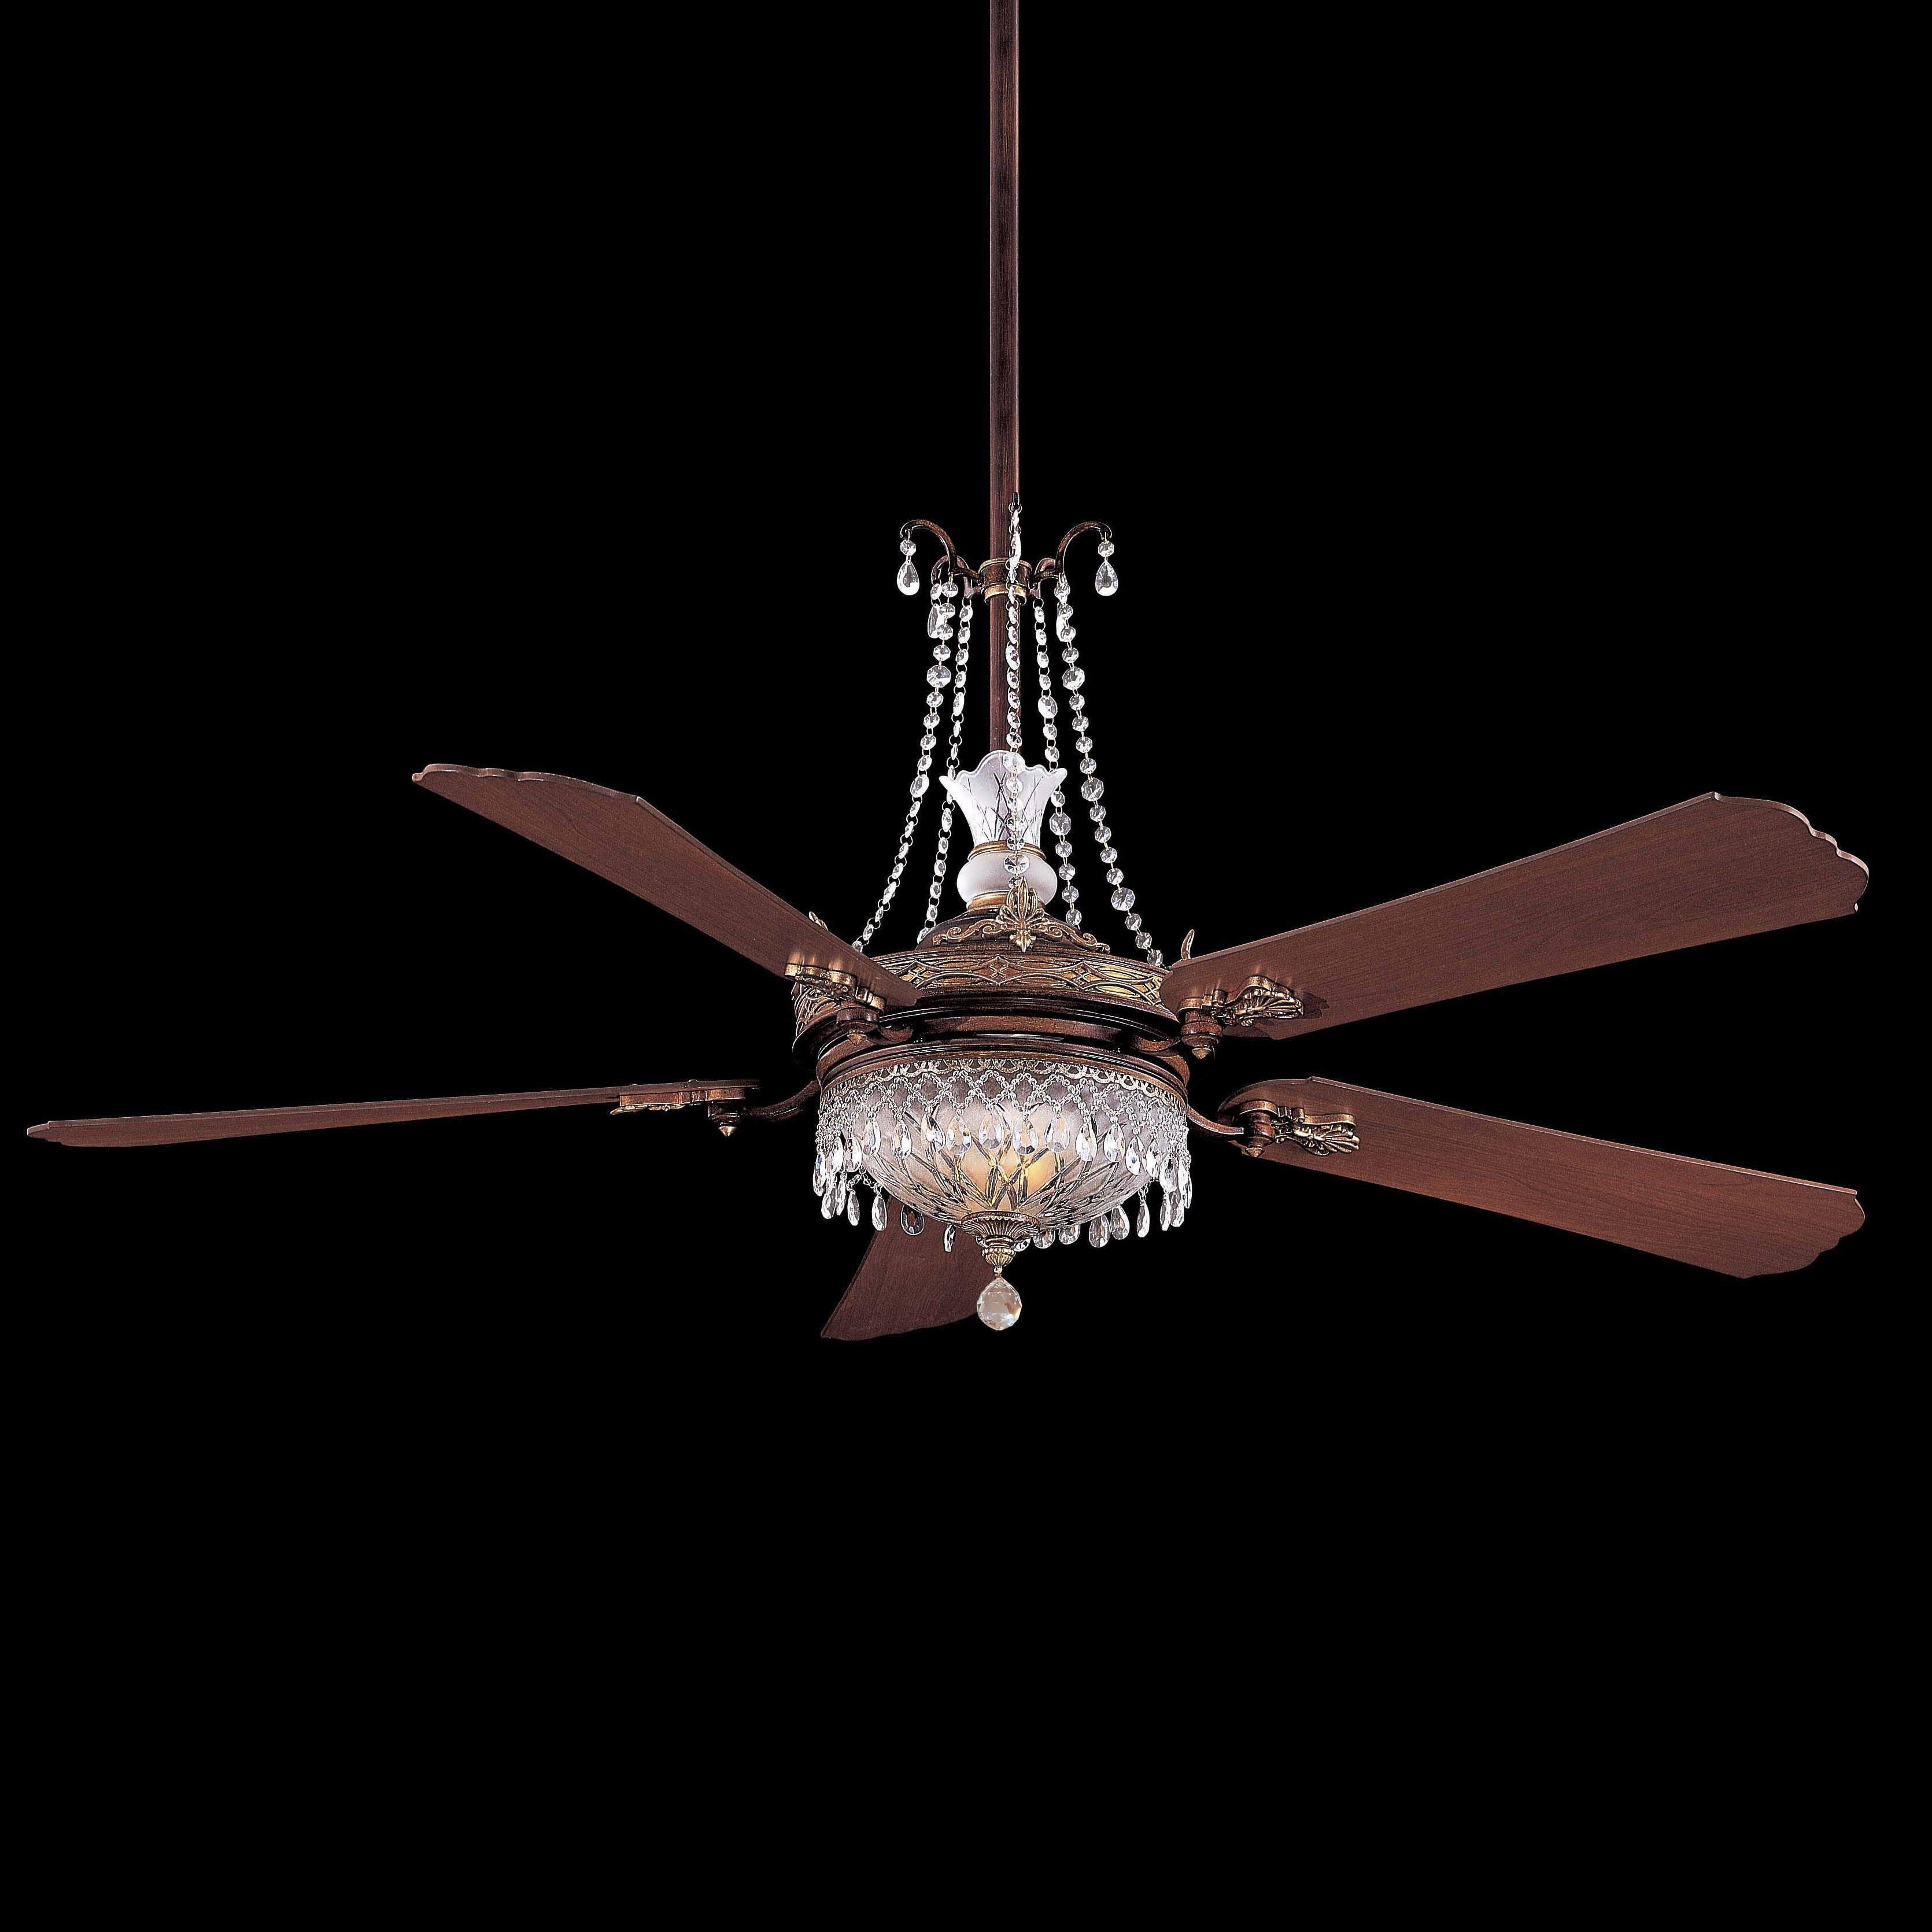 Top 45 Wunderbare Outdoor Deckenventilator Mit Licht Und Fernbedienung Wird Blow Your Mind Mehr Auf Unserer We Deckenventilator Ventilator Ventilator Mit Licht